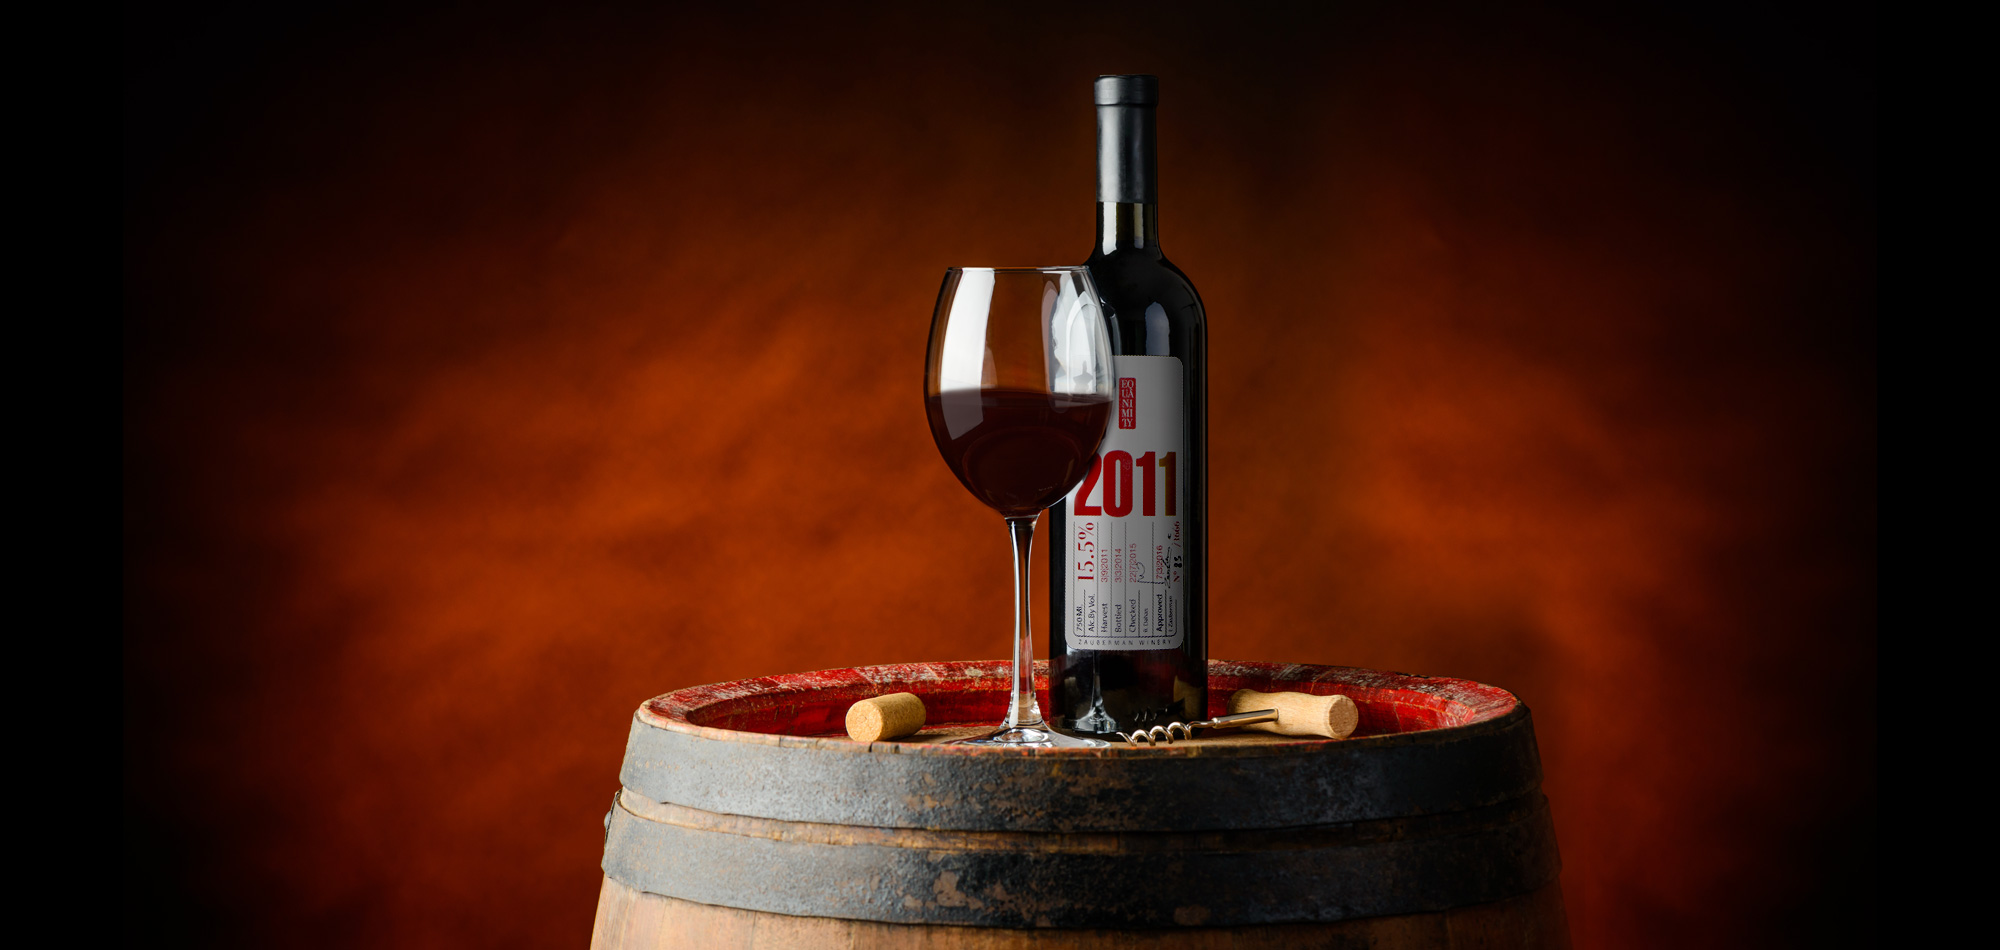 היין של יקב זאוברמן